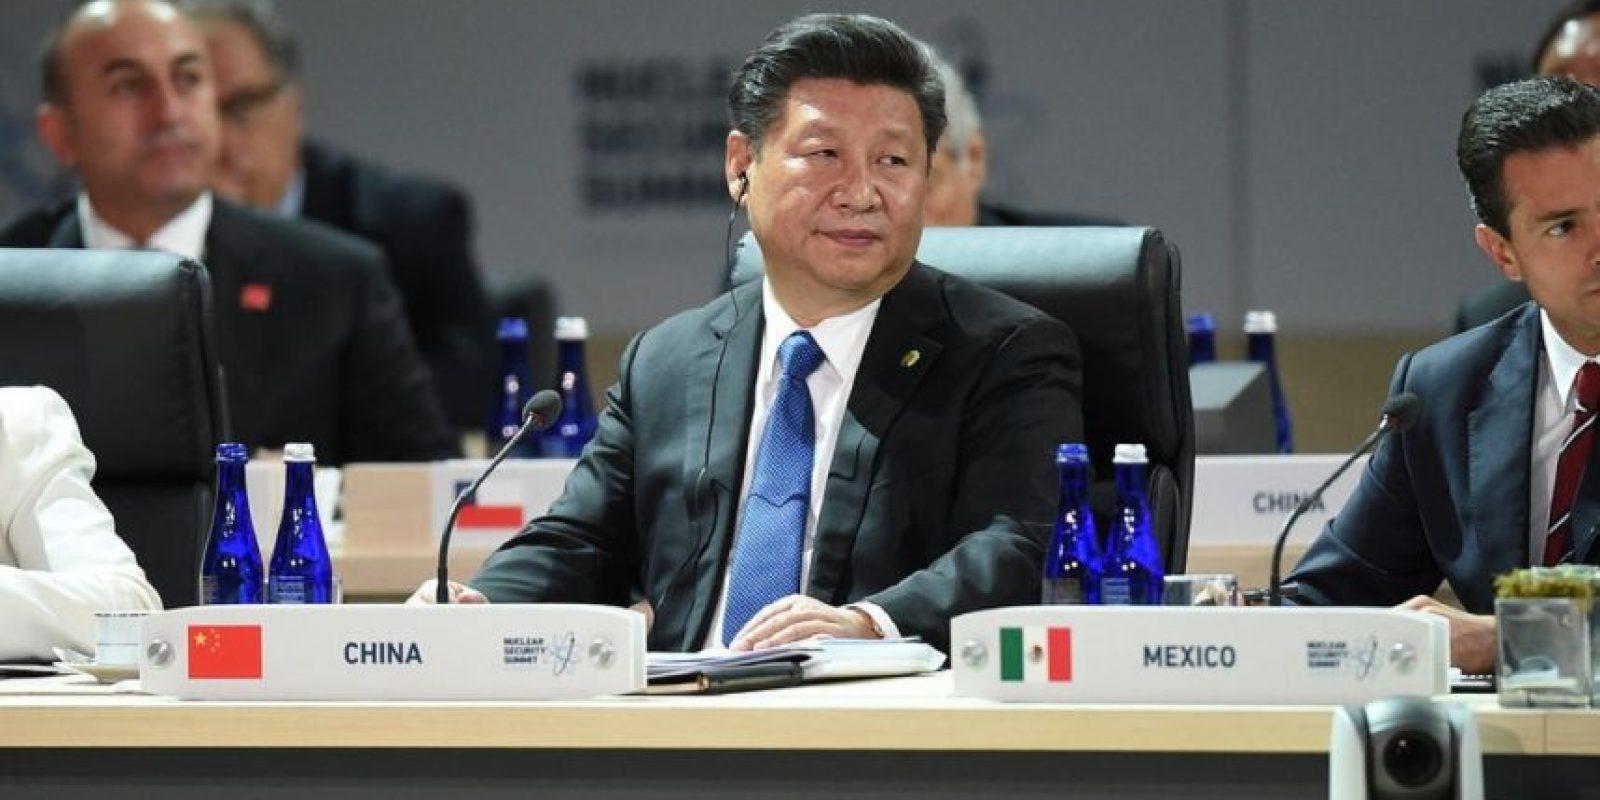 Hecho que se busca evitar que suceda con las políticas que se discuten en la cumbre. Foto:nss2016.org